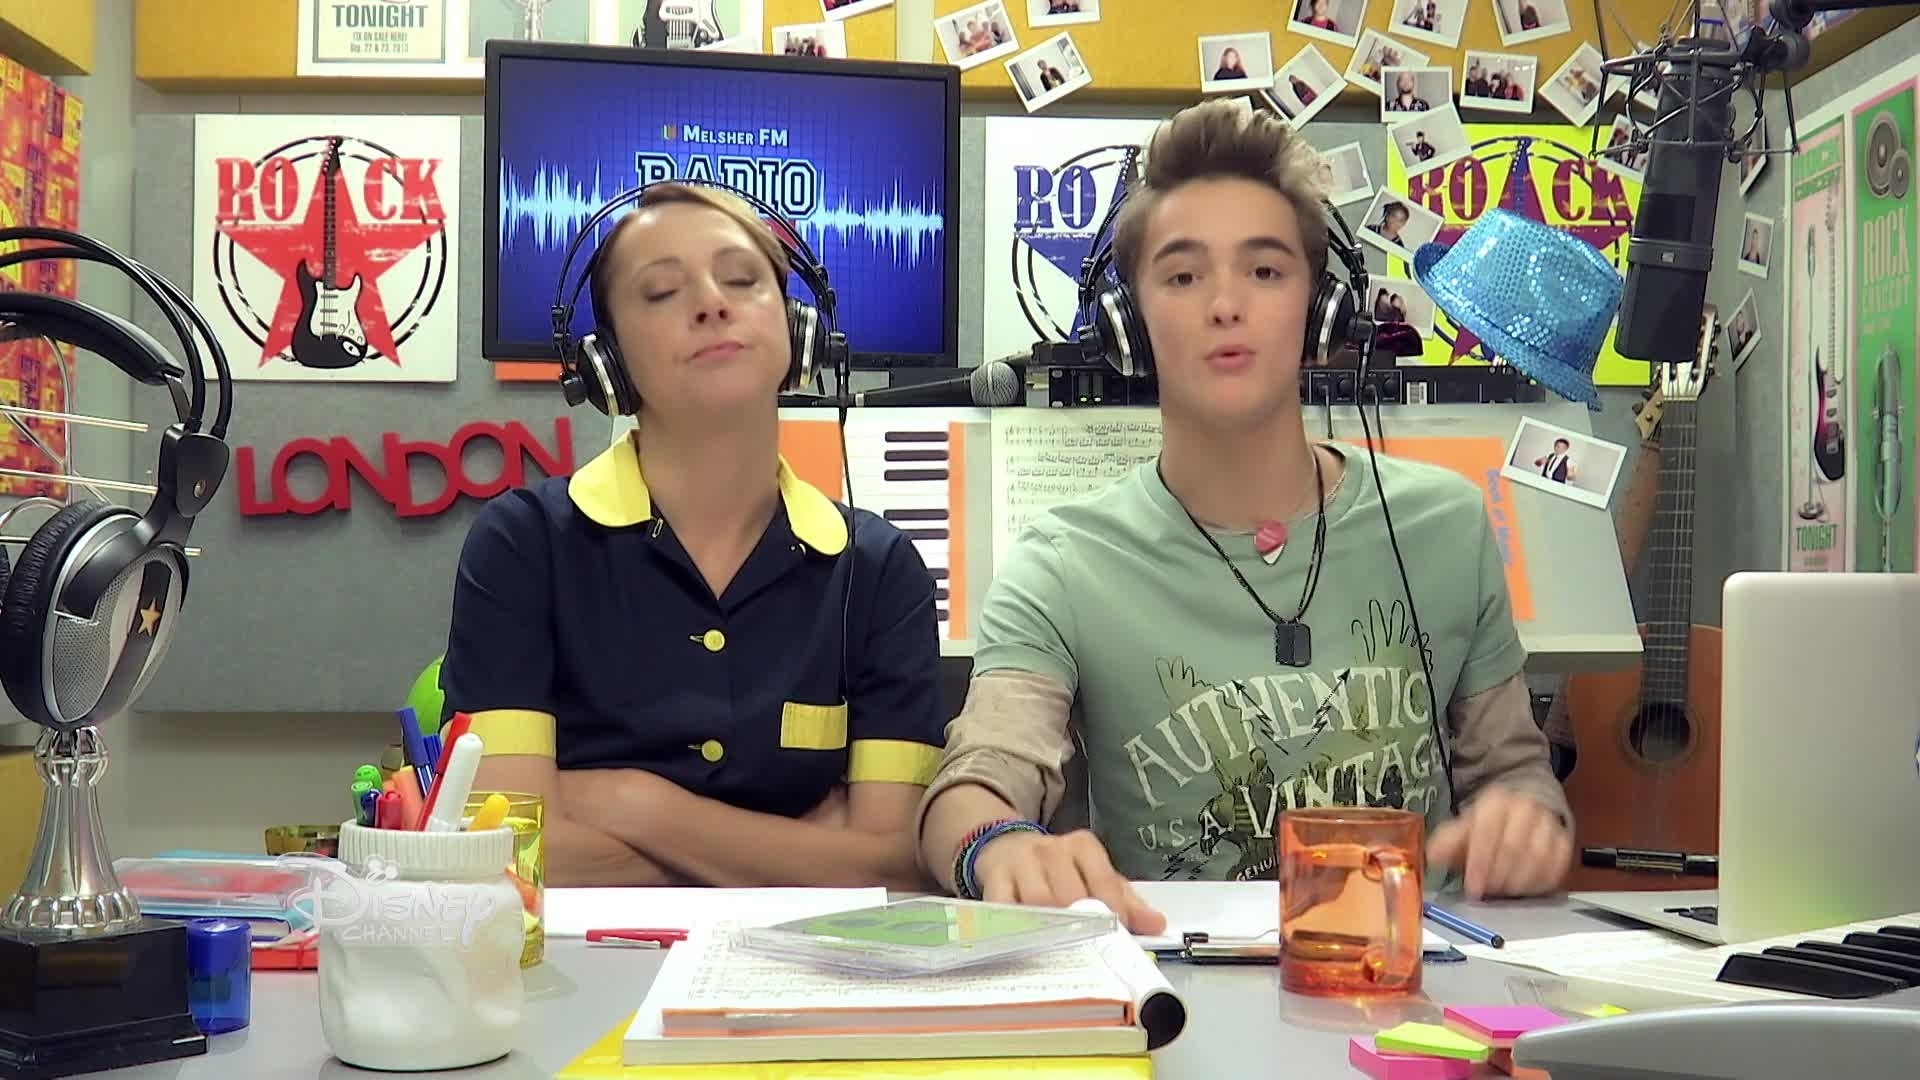 Alex & Co - Radio Alex 21 : Difficultés avec les parents